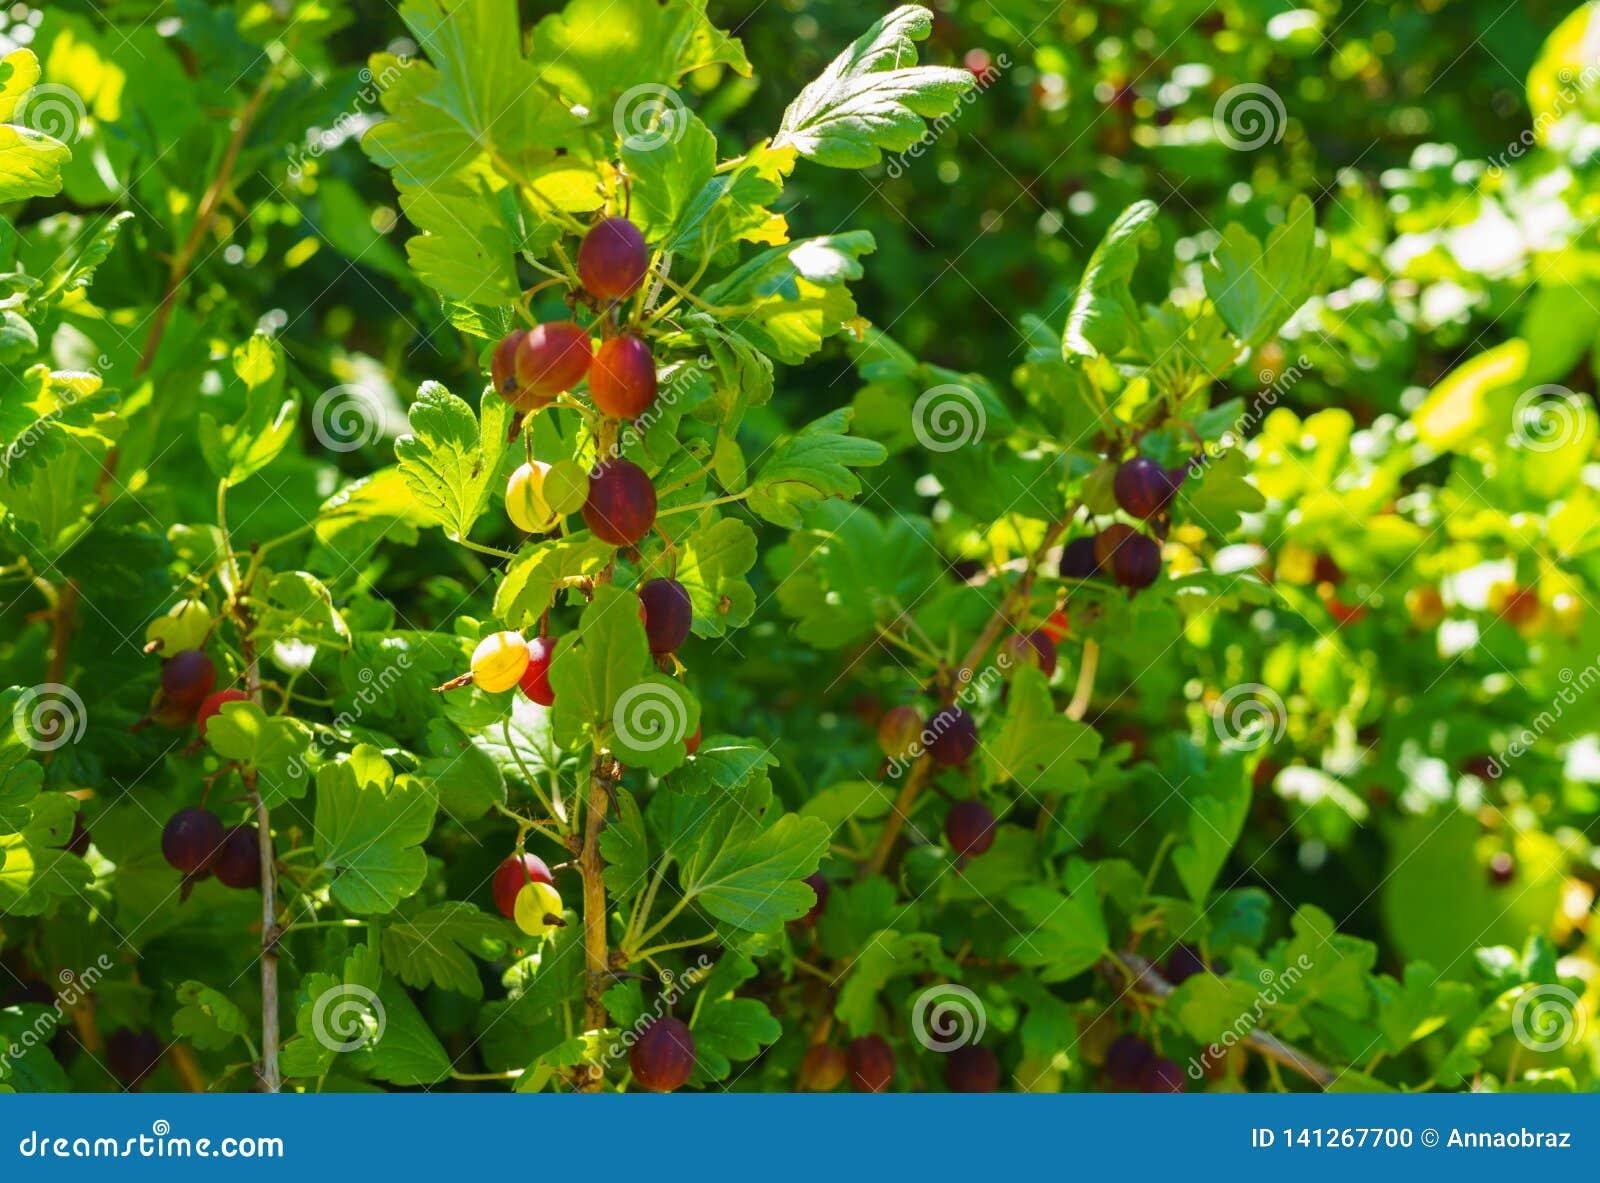 Arbusto de groselha com as bagas maduras no jardim do verão